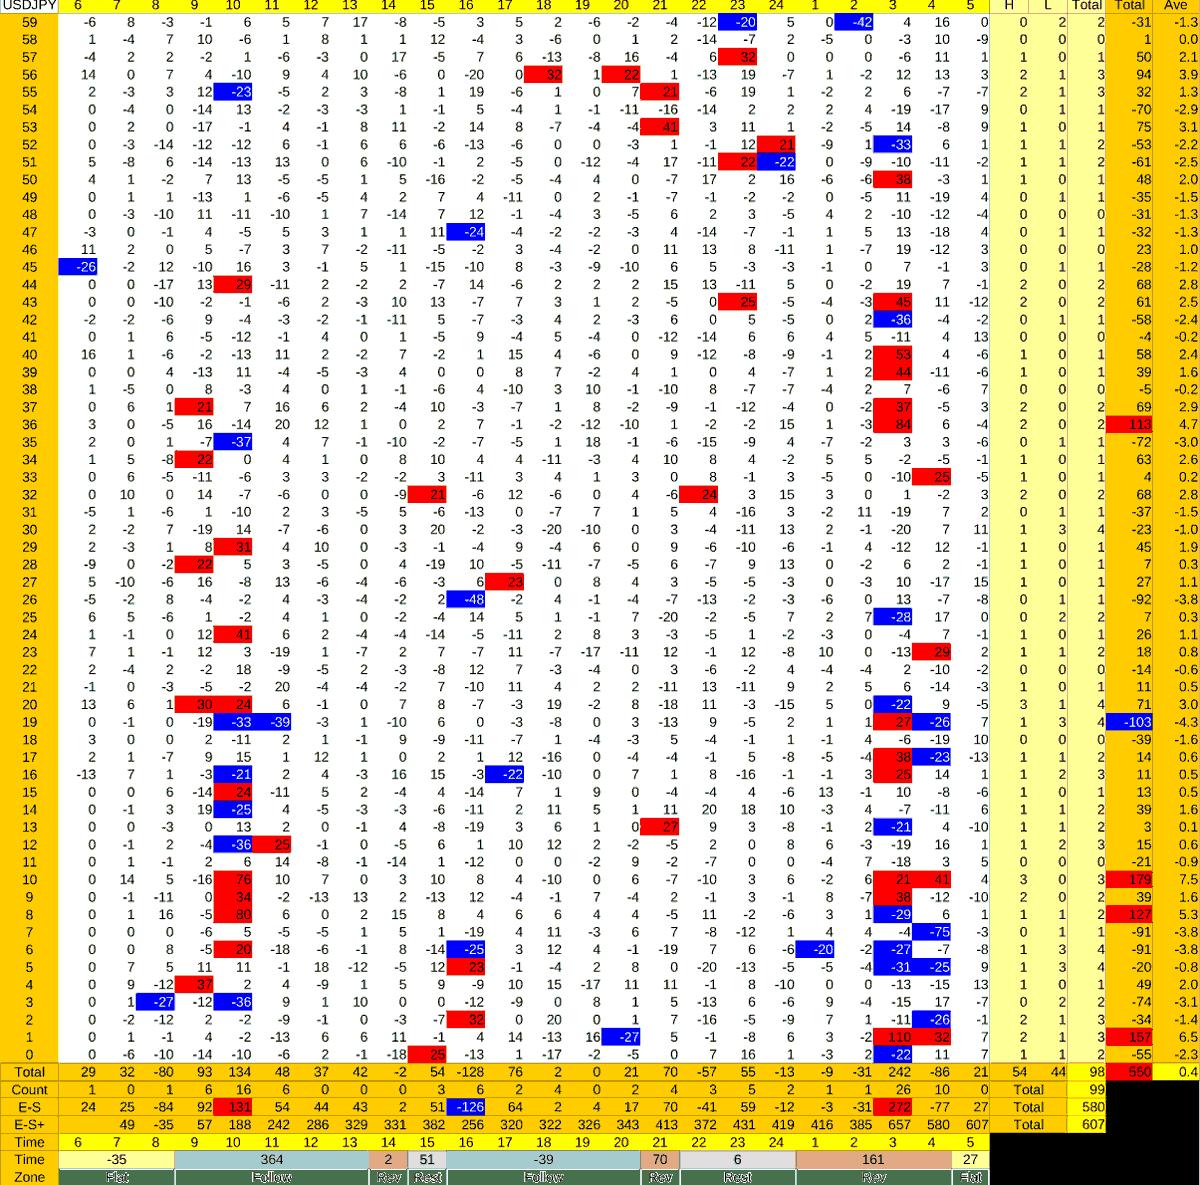 20210922_HS(1)USDJPY-min